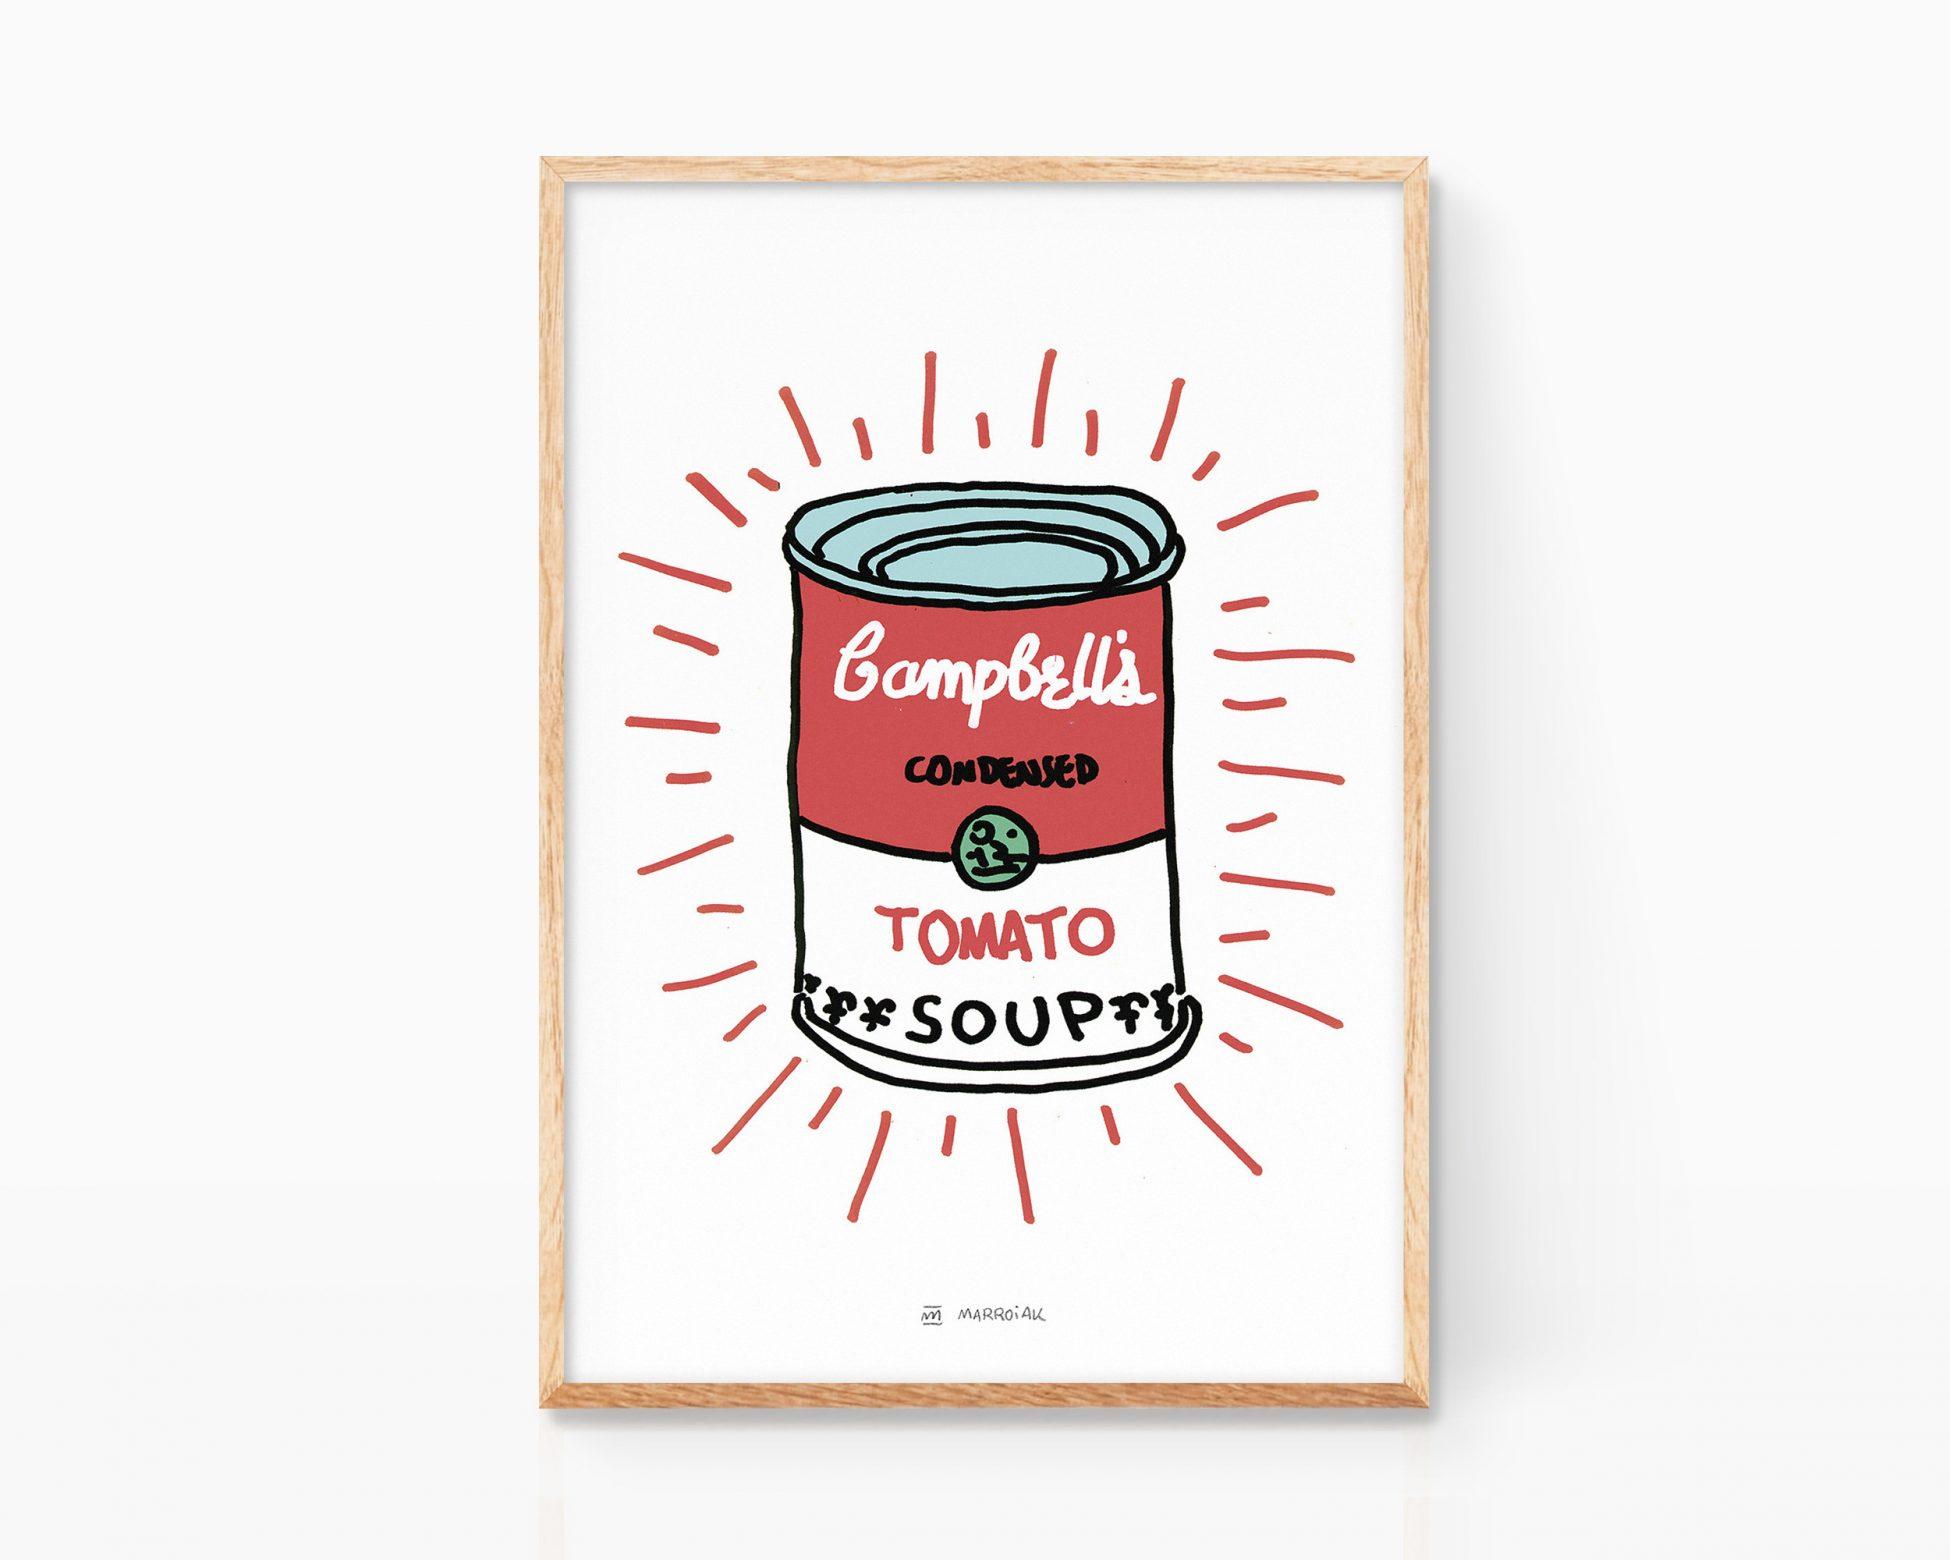 Cuadro para enmarcar con un dibujo minimalista de las sopas campbells popularizadas por el artista Andy Warhol. Estilo Keith Haring. Decoración para cocinas, restaurantes y casas modernas. Arte urbano